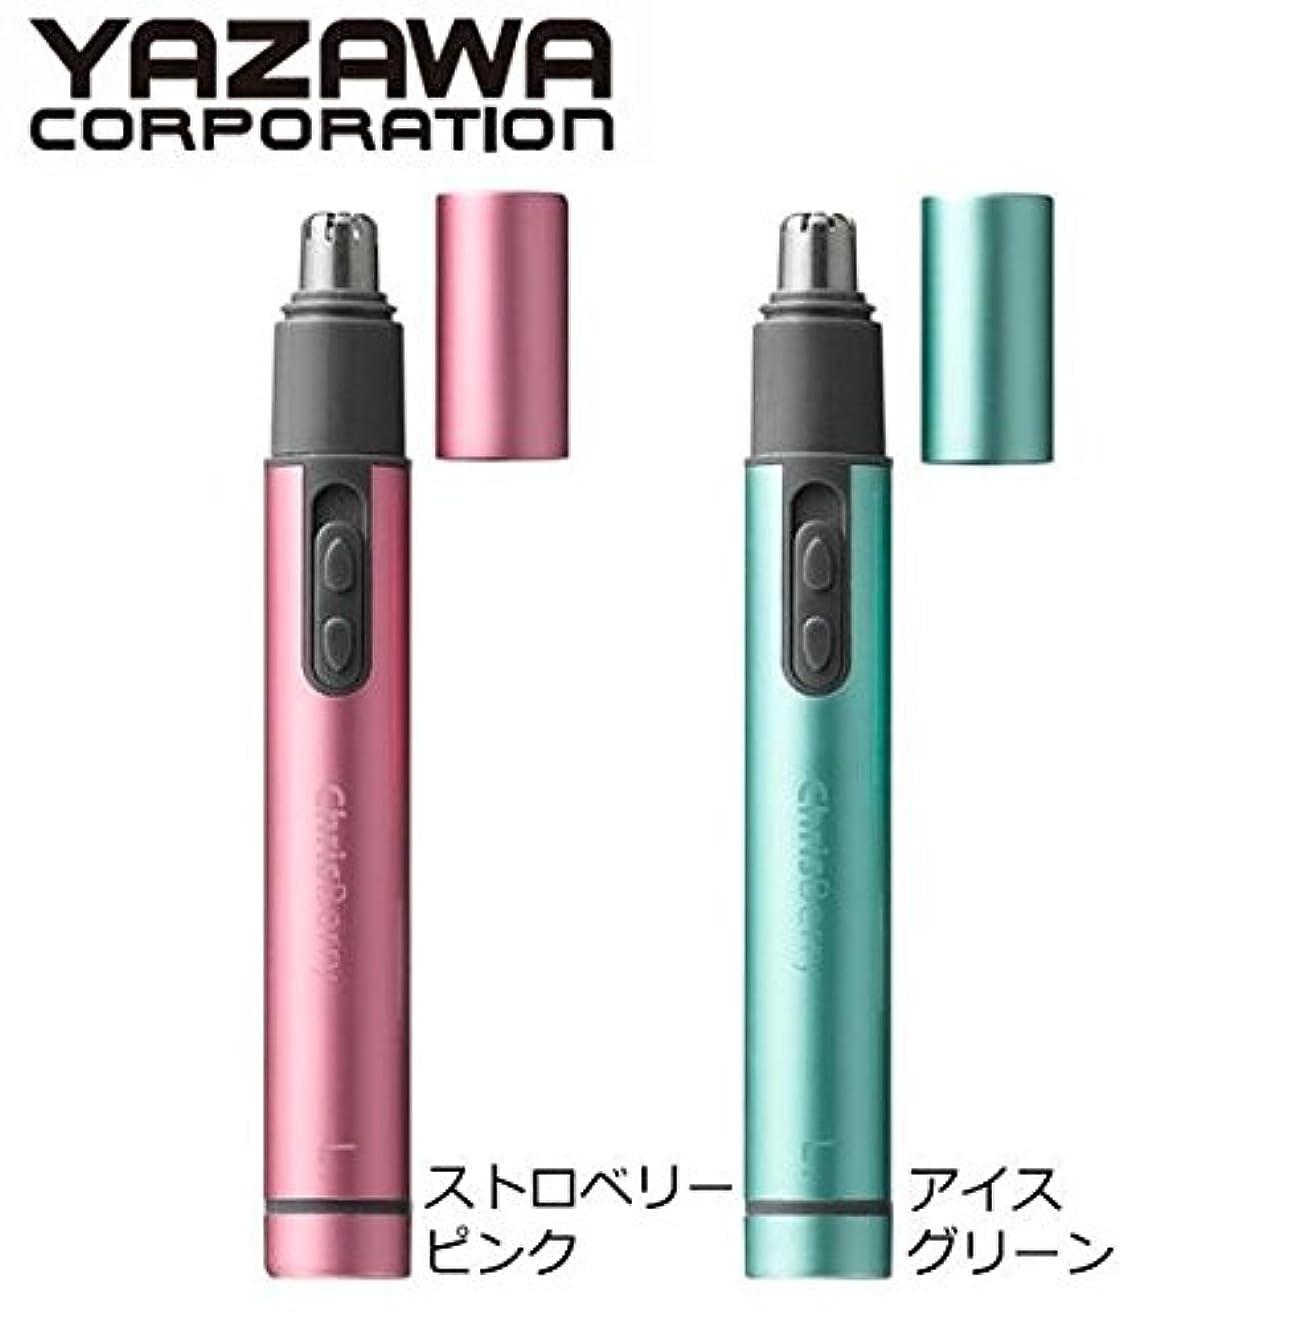 サリー一般的な継承YAZAWA(ヤザワ) ノーズトリマー ■2種類の内「CH311GR?アイスグリーン」のみです